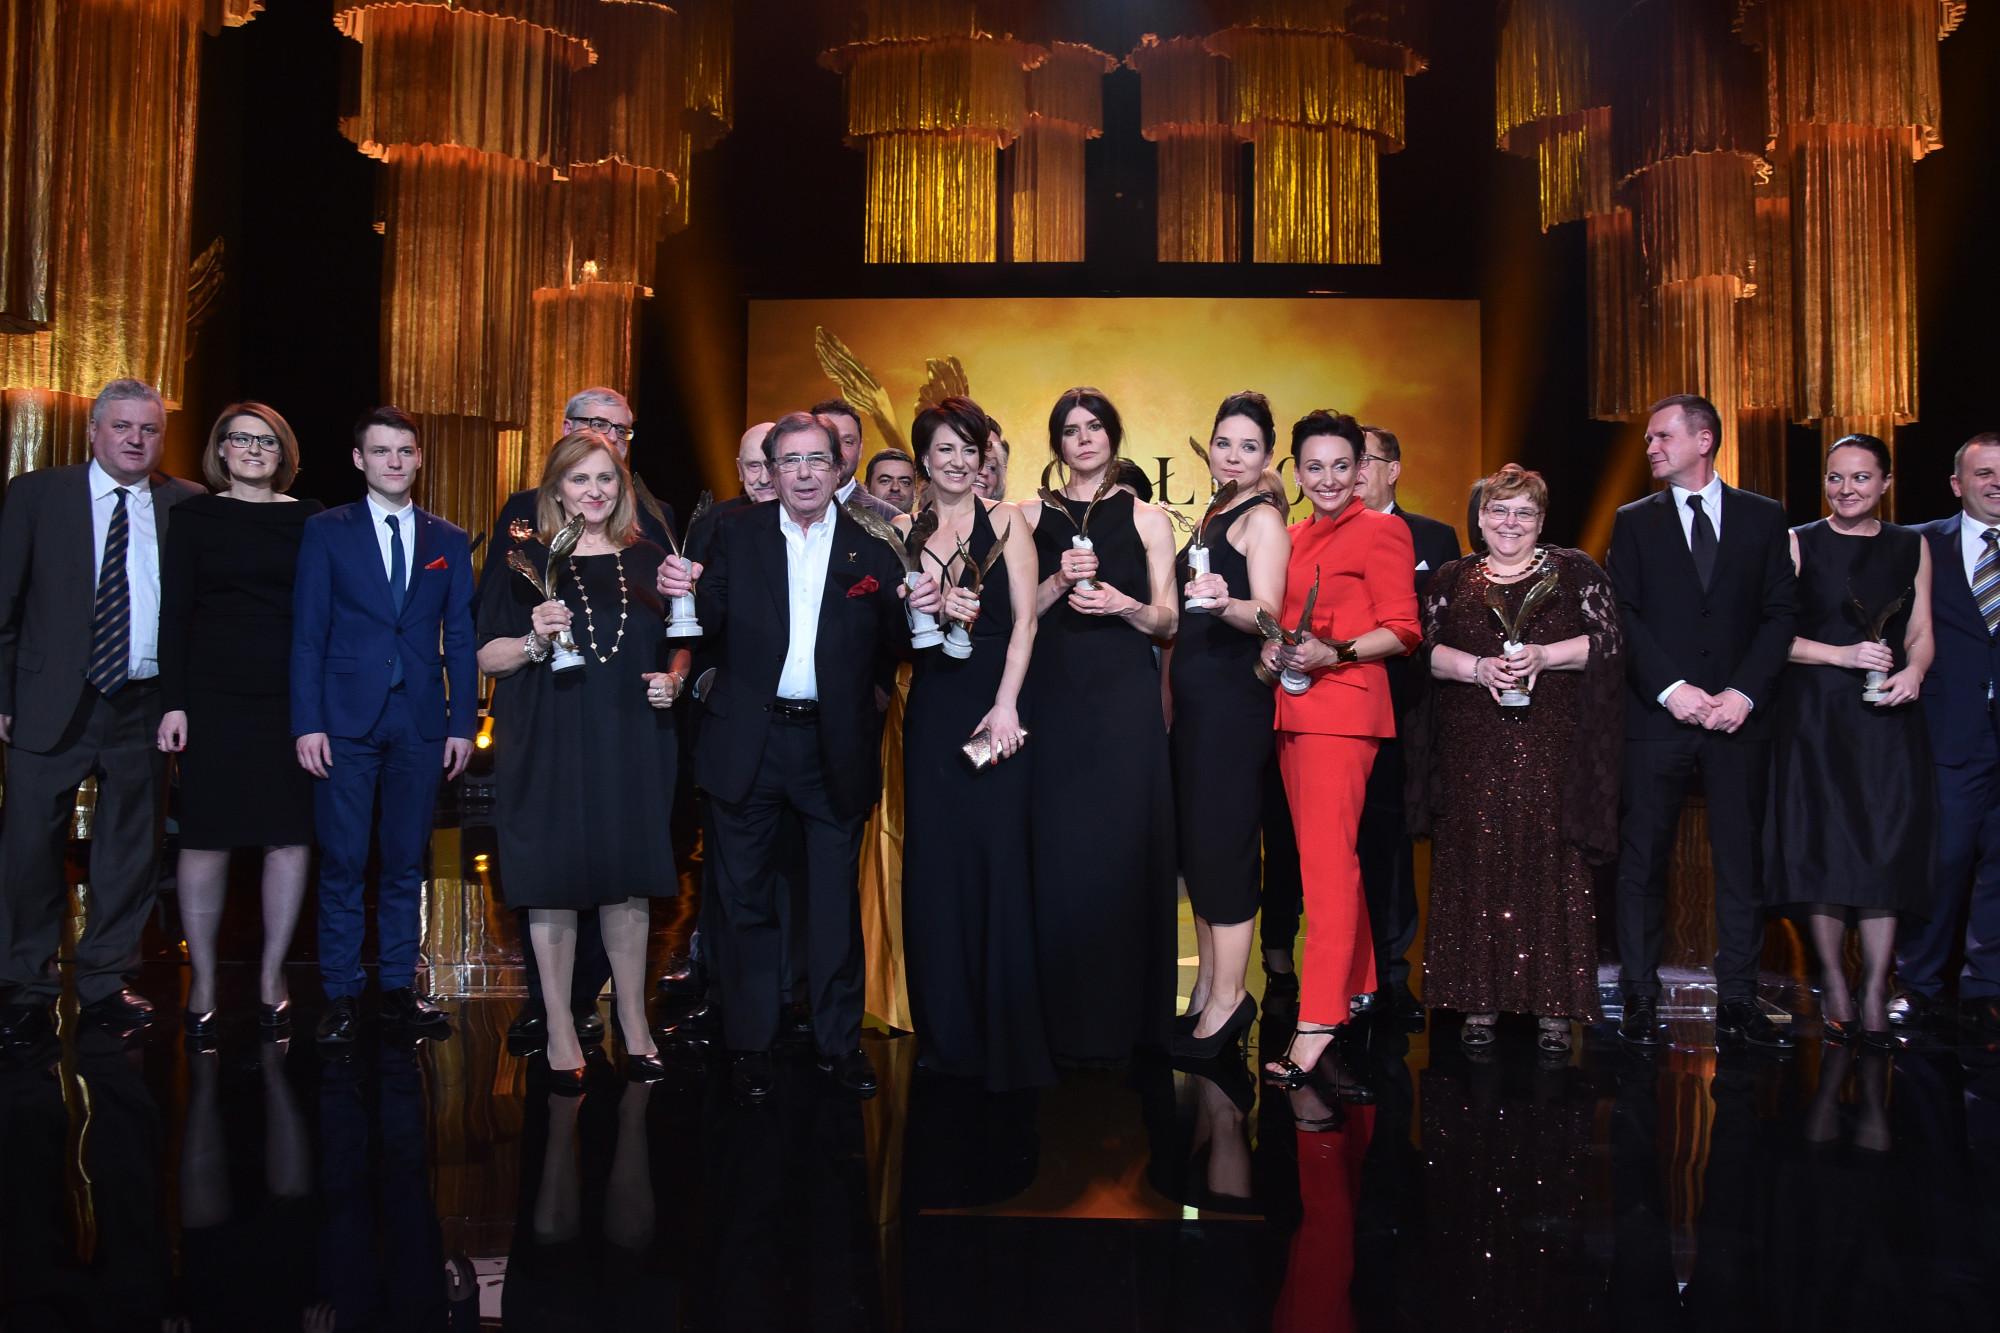 Foto: Mateusz Jagielski / East News  Warszawa 07.03.2016  Gala rozdania Polskich Nagrod Filmowych ORLY 2016 N/z: laureaci